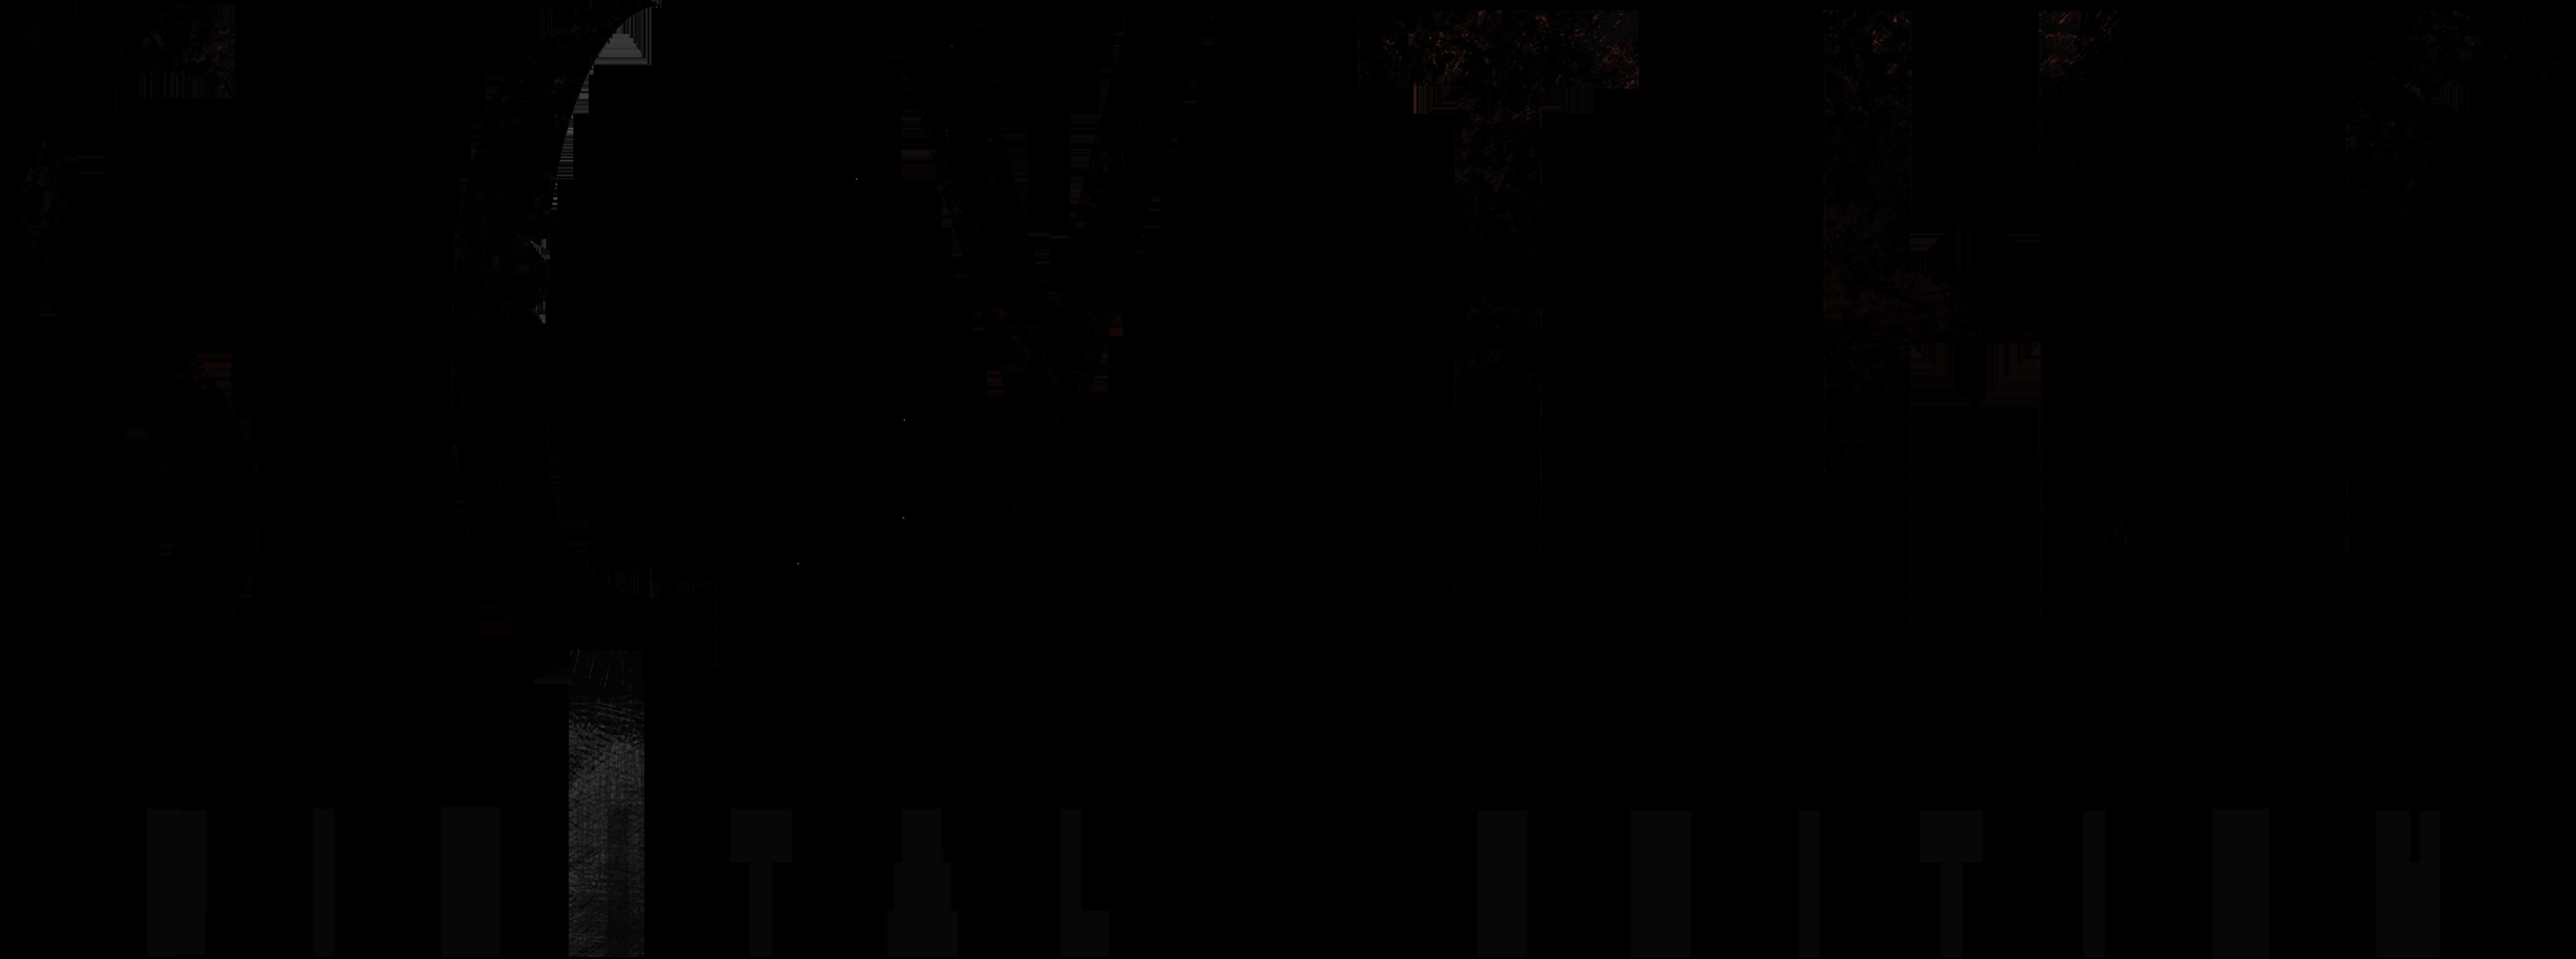 Asmodee Digital Brings Hit Board Game Scythe To Pc And Mac